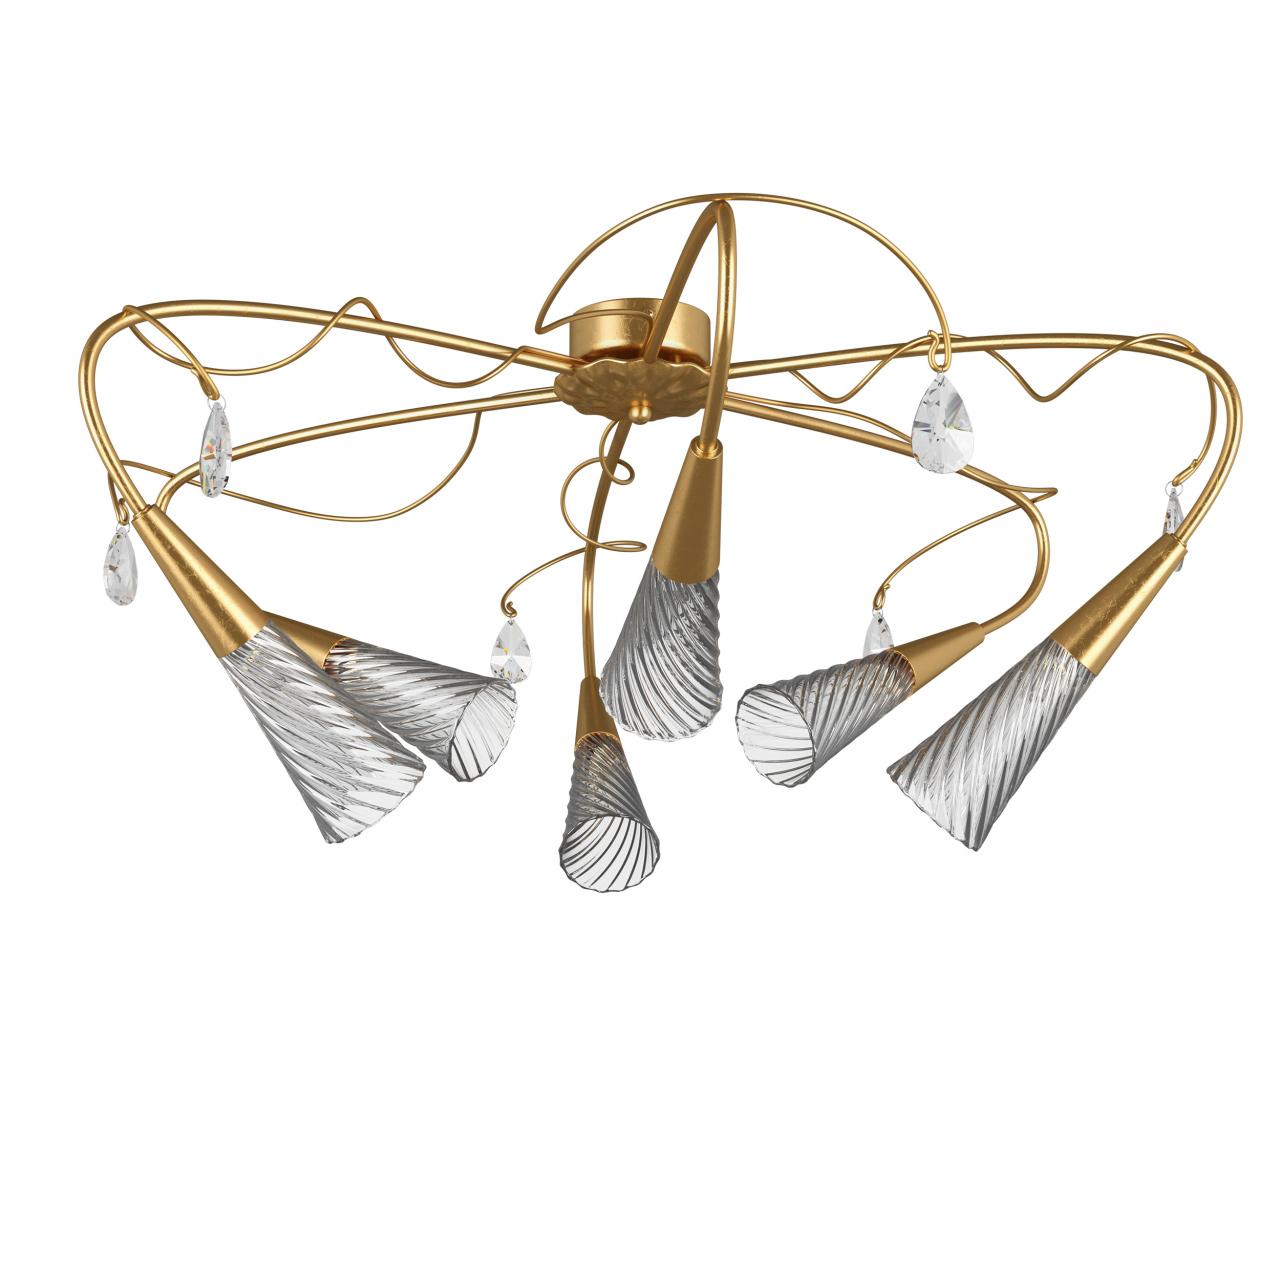 Люстра потолочная Aereo 6х25W G9 gold foil Lightstar 711063